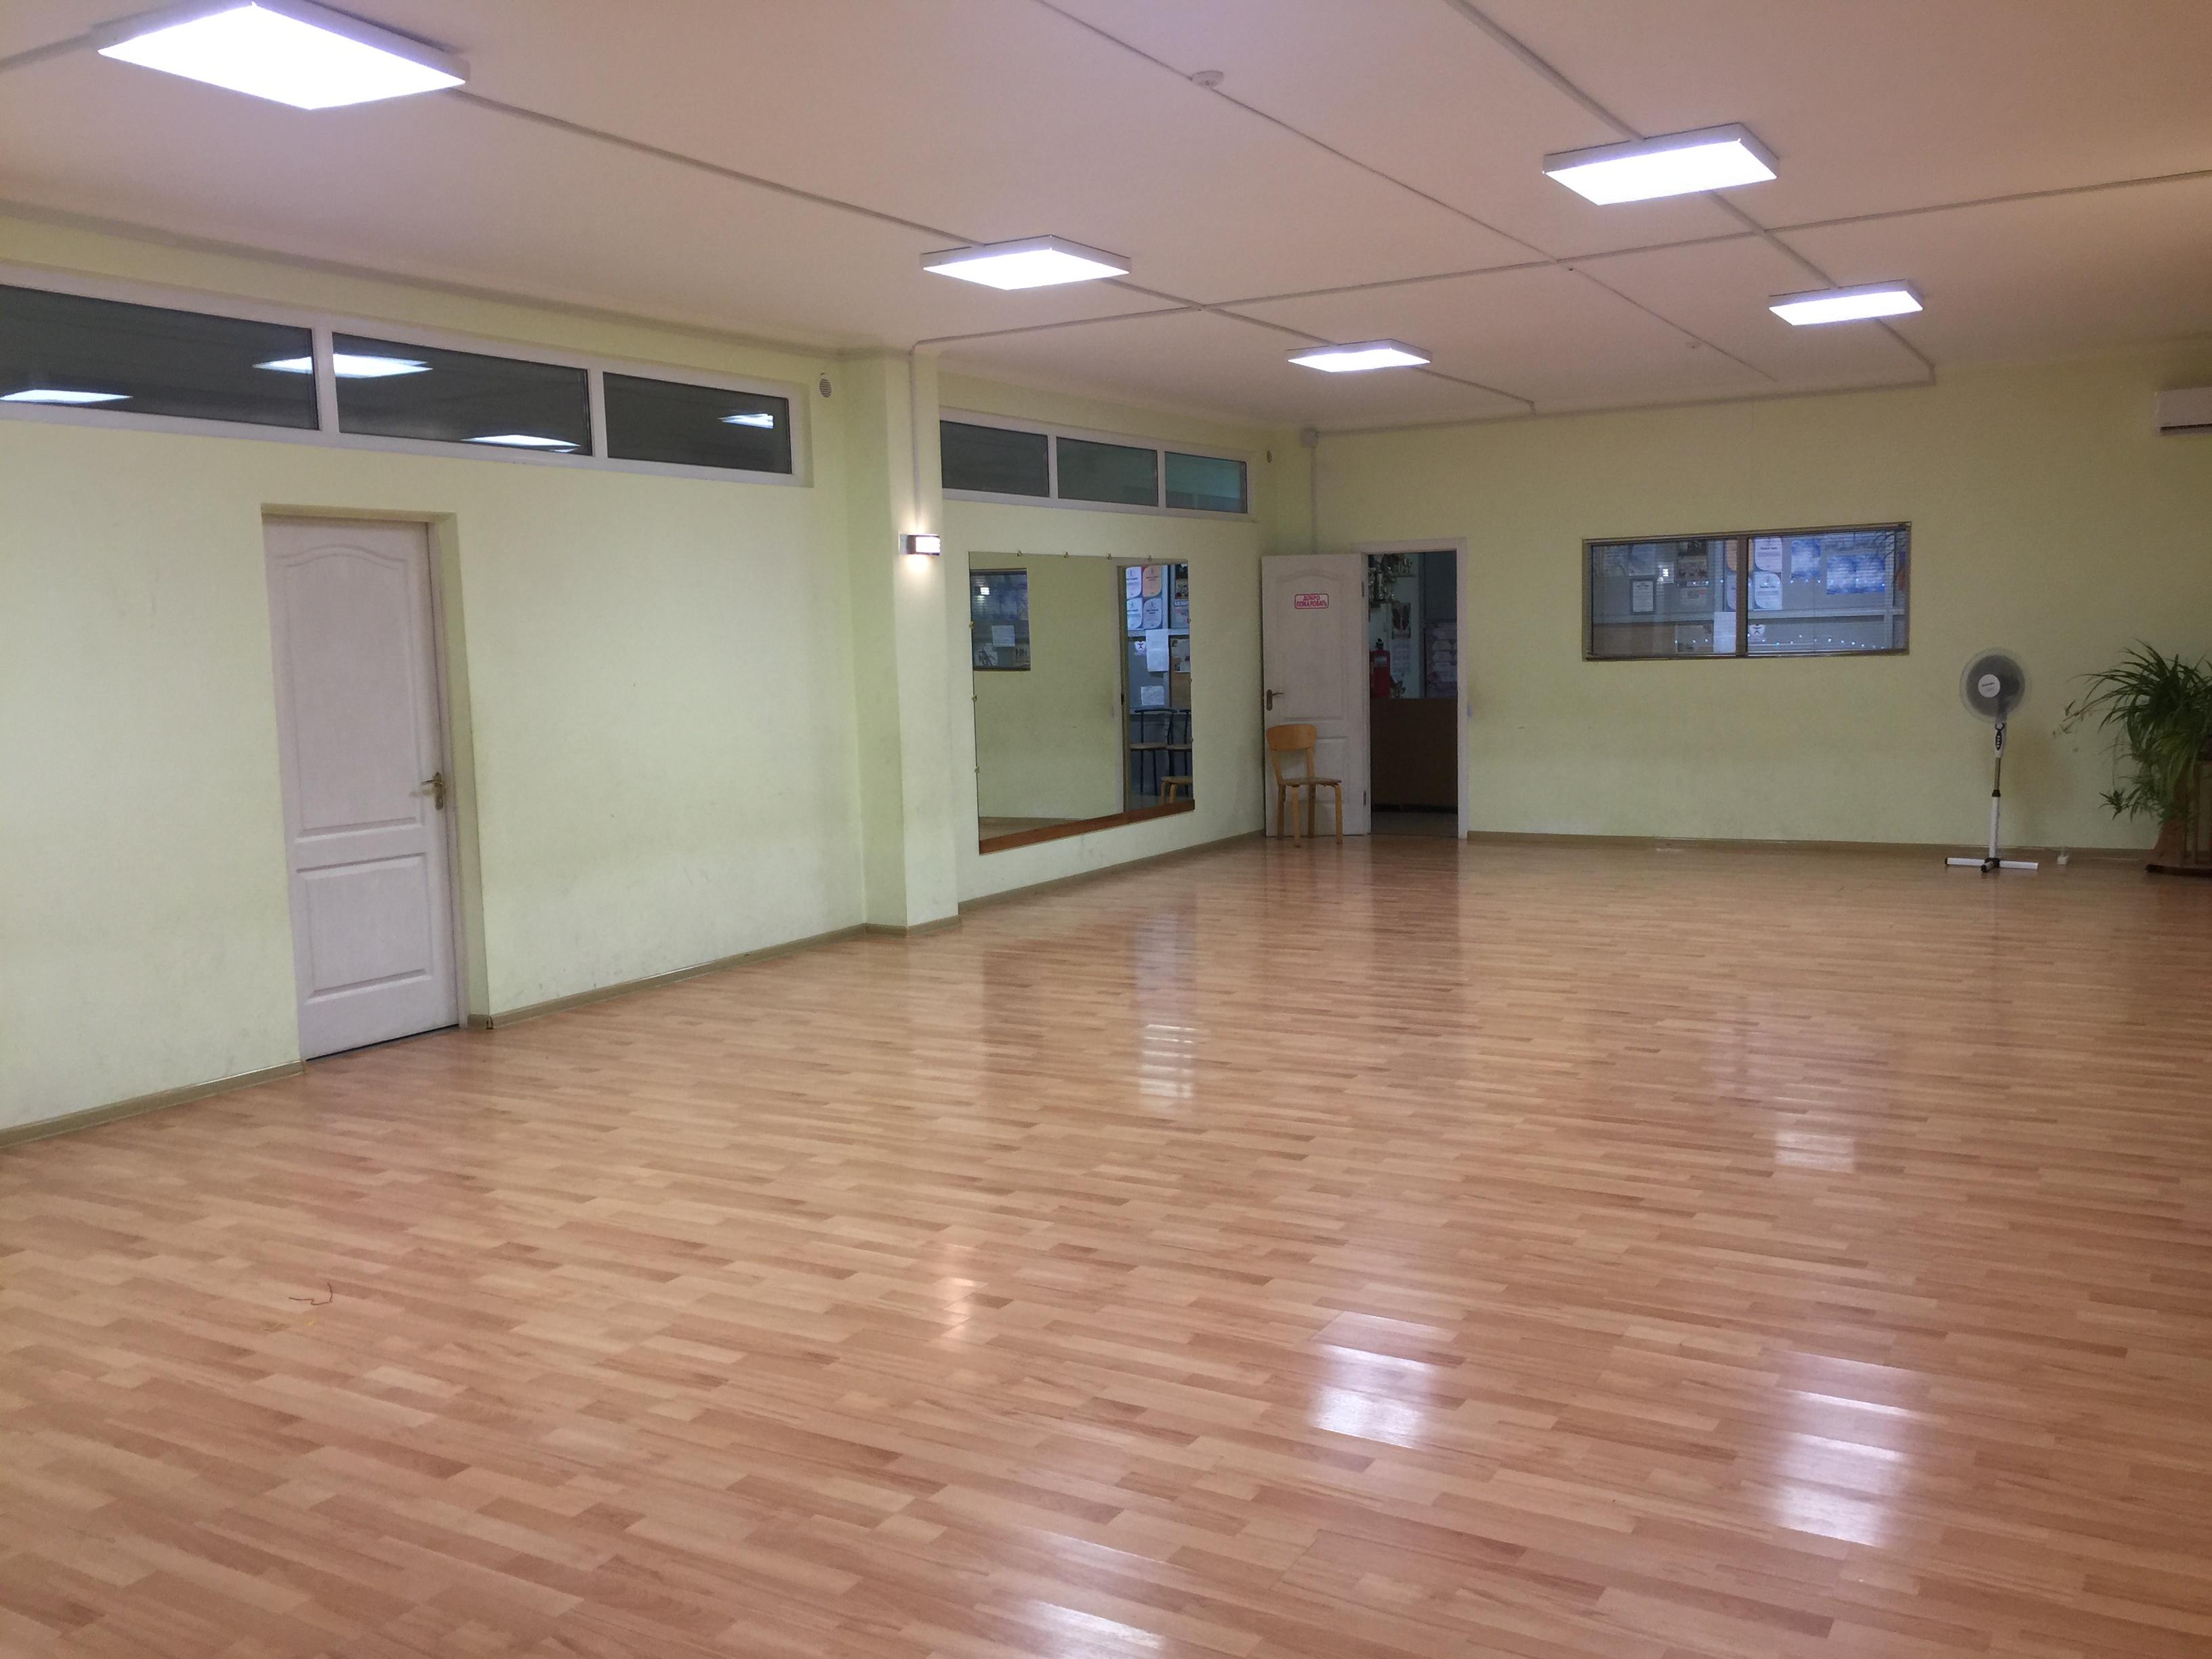 Фирма: БРАВО Танцевальный клуб